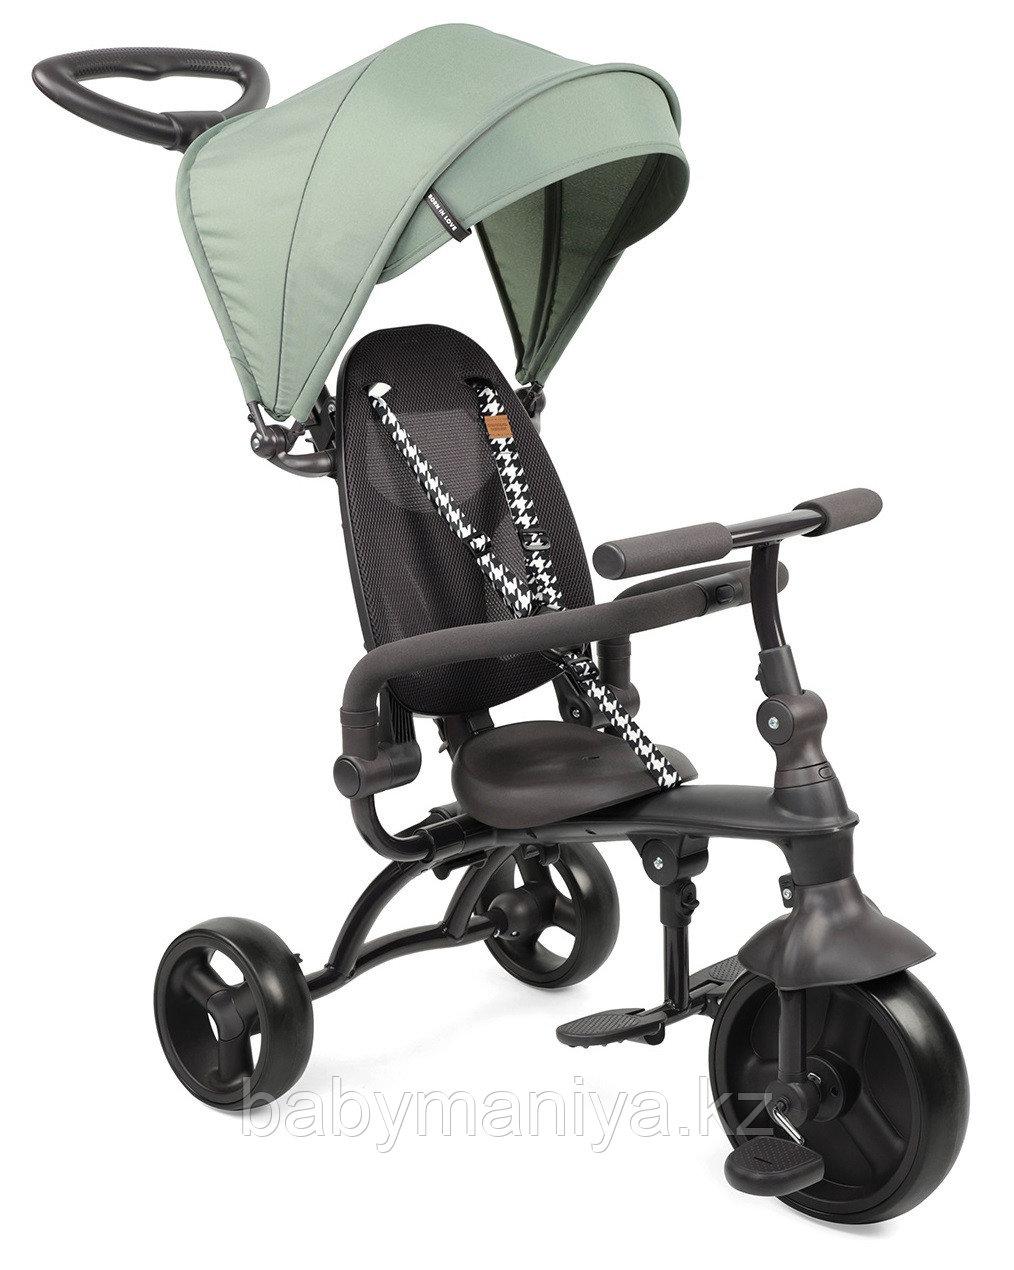 Велосипед Happy Baby Mercury Green